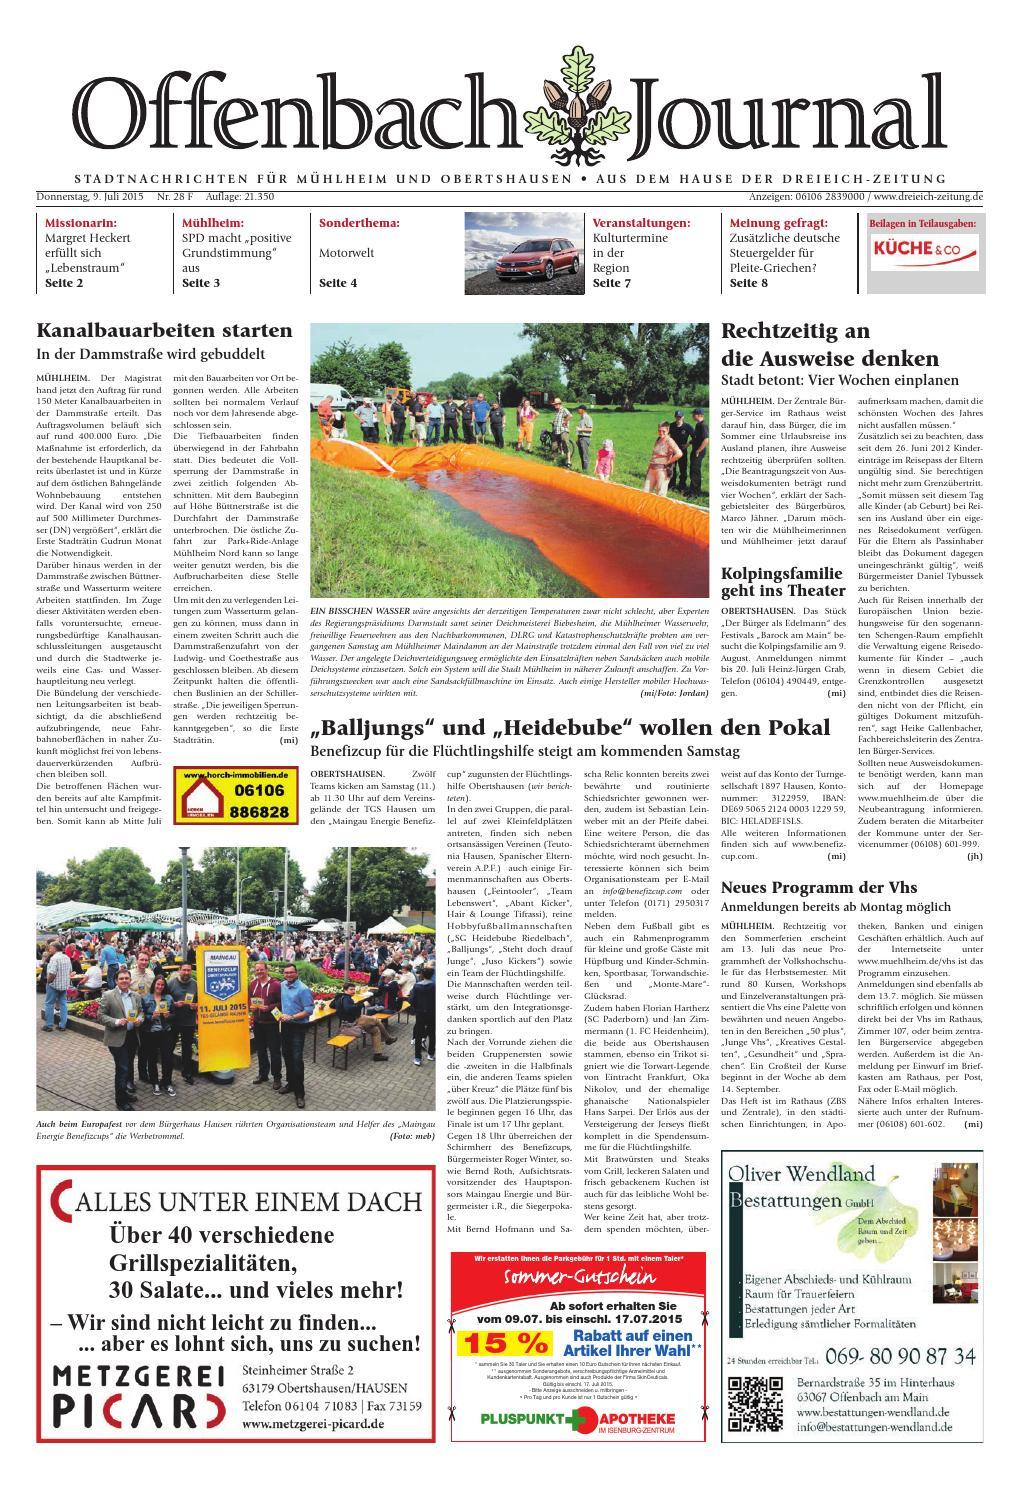 121634c958d64 Dz online 028 15 f by Dreieich-Zeitung Offenbach-Journal - issuu